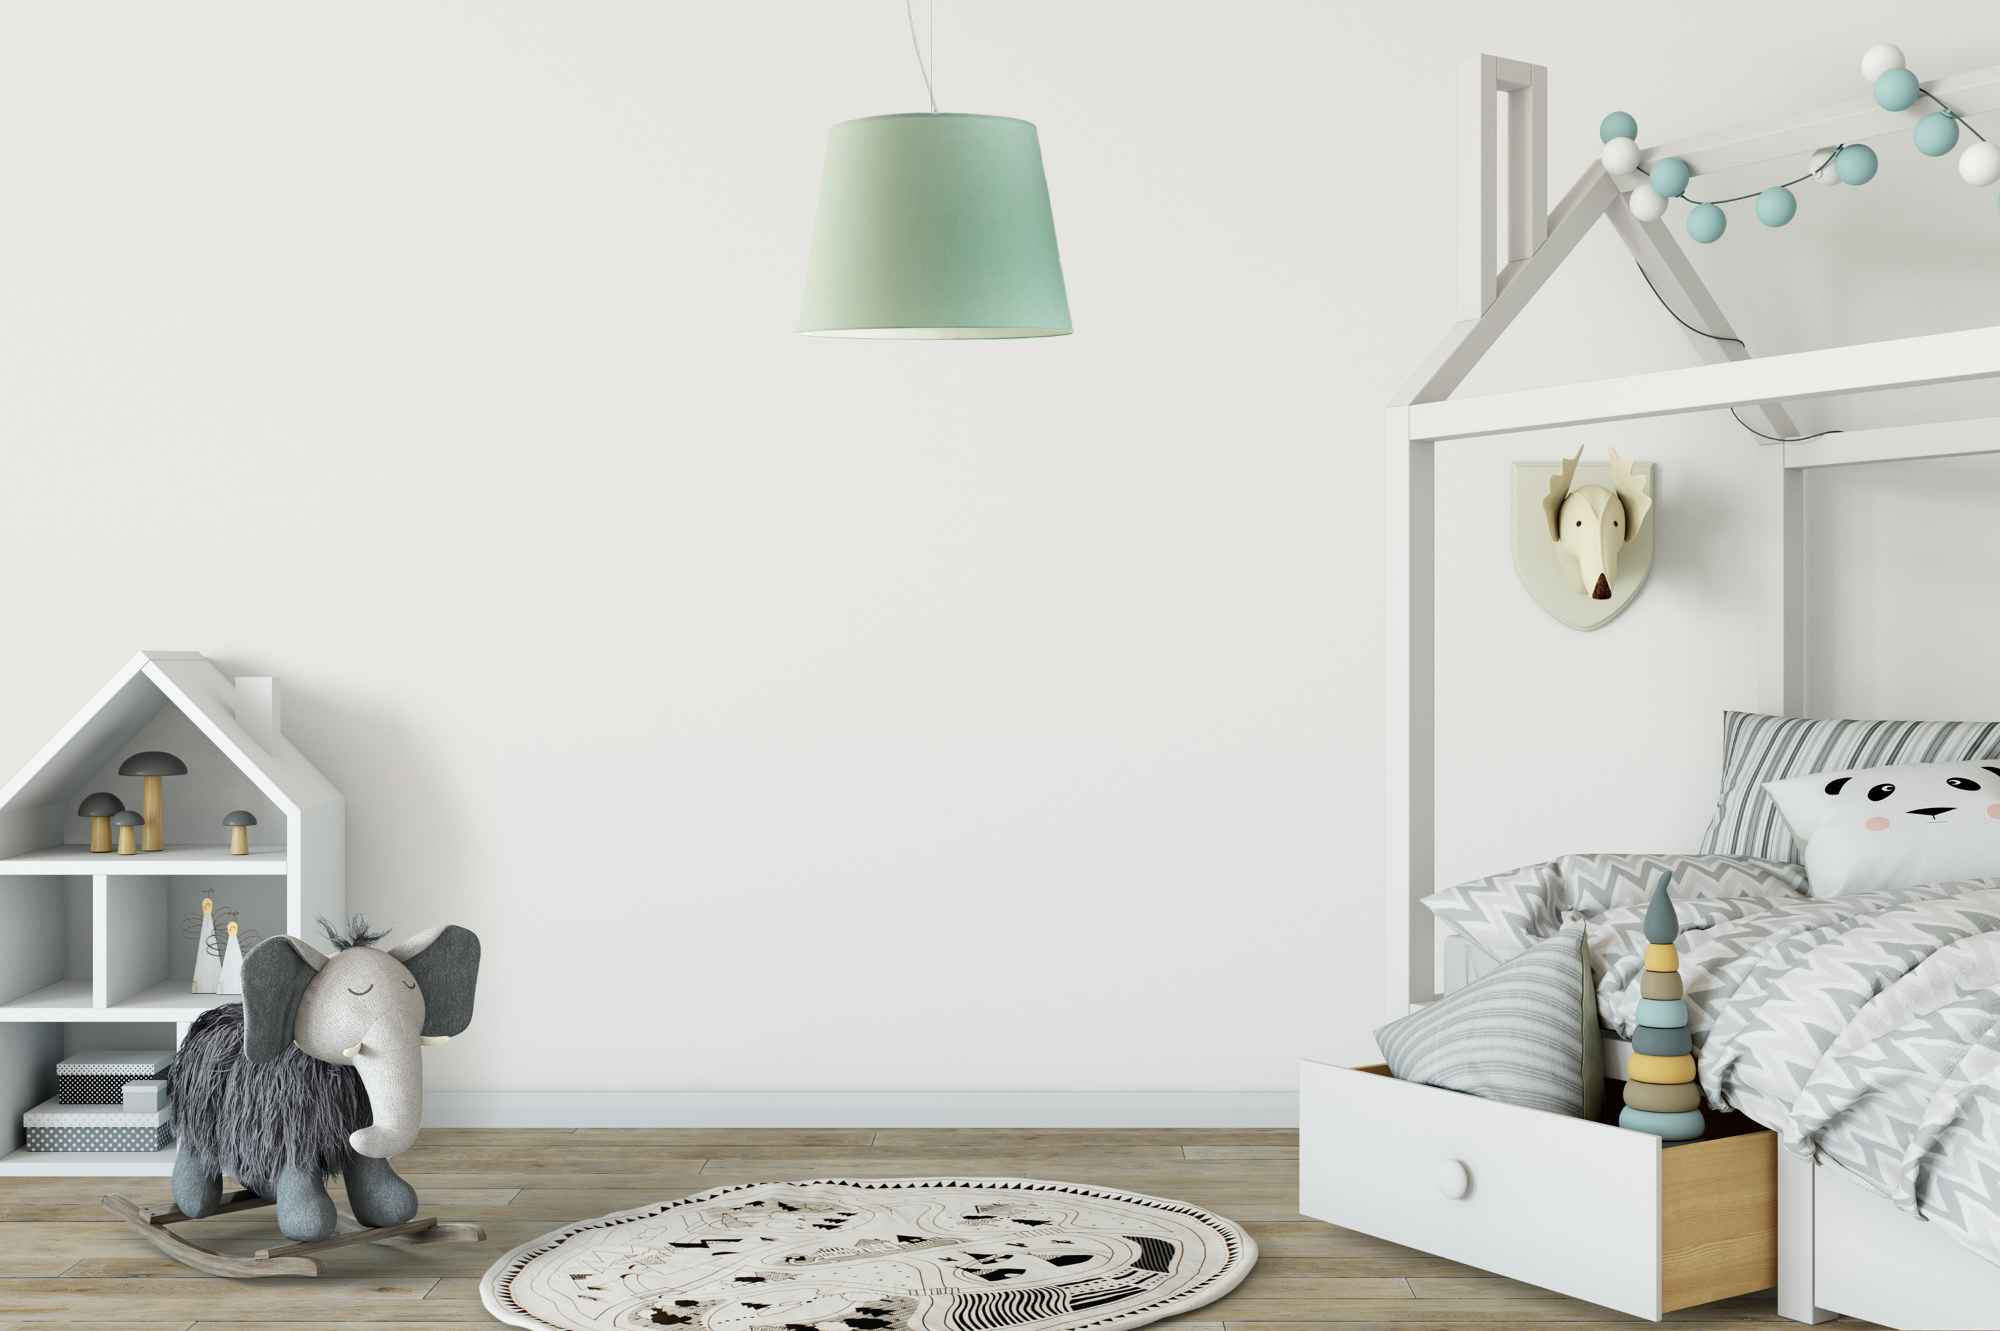 Lampa sufitowa plafon COSMO stożek! Częstochowa - zdjęcie 6